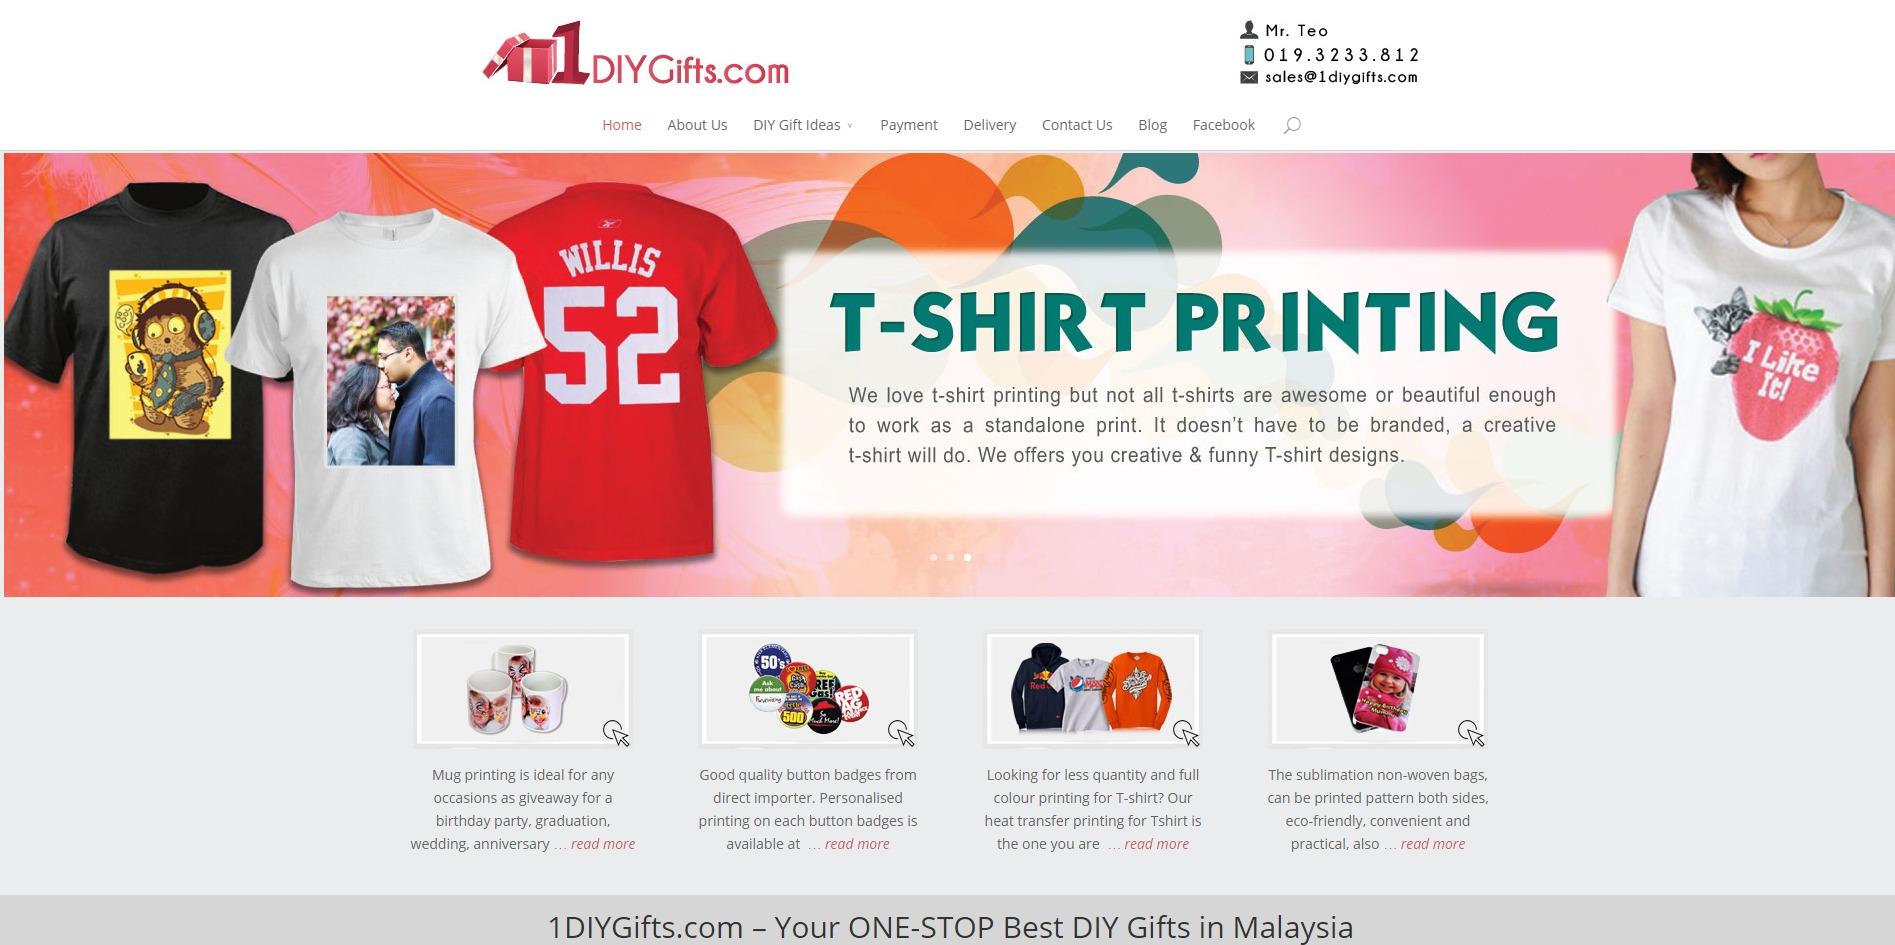 1diygifts.com - sample website for DIY members